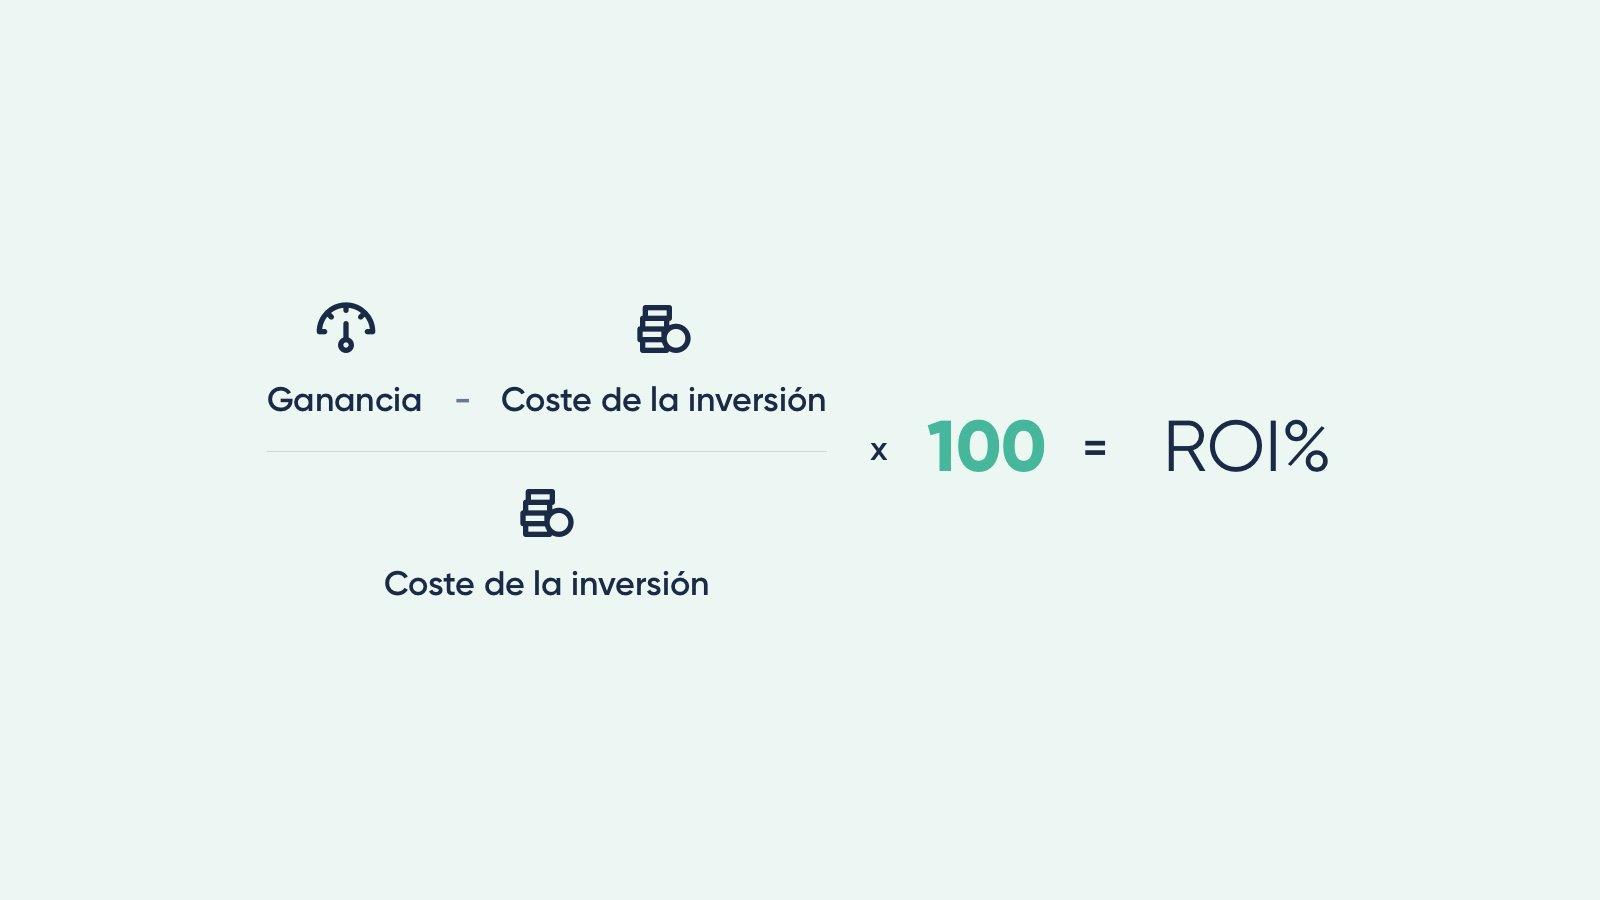 Qué es y cómo se calcula el ROI